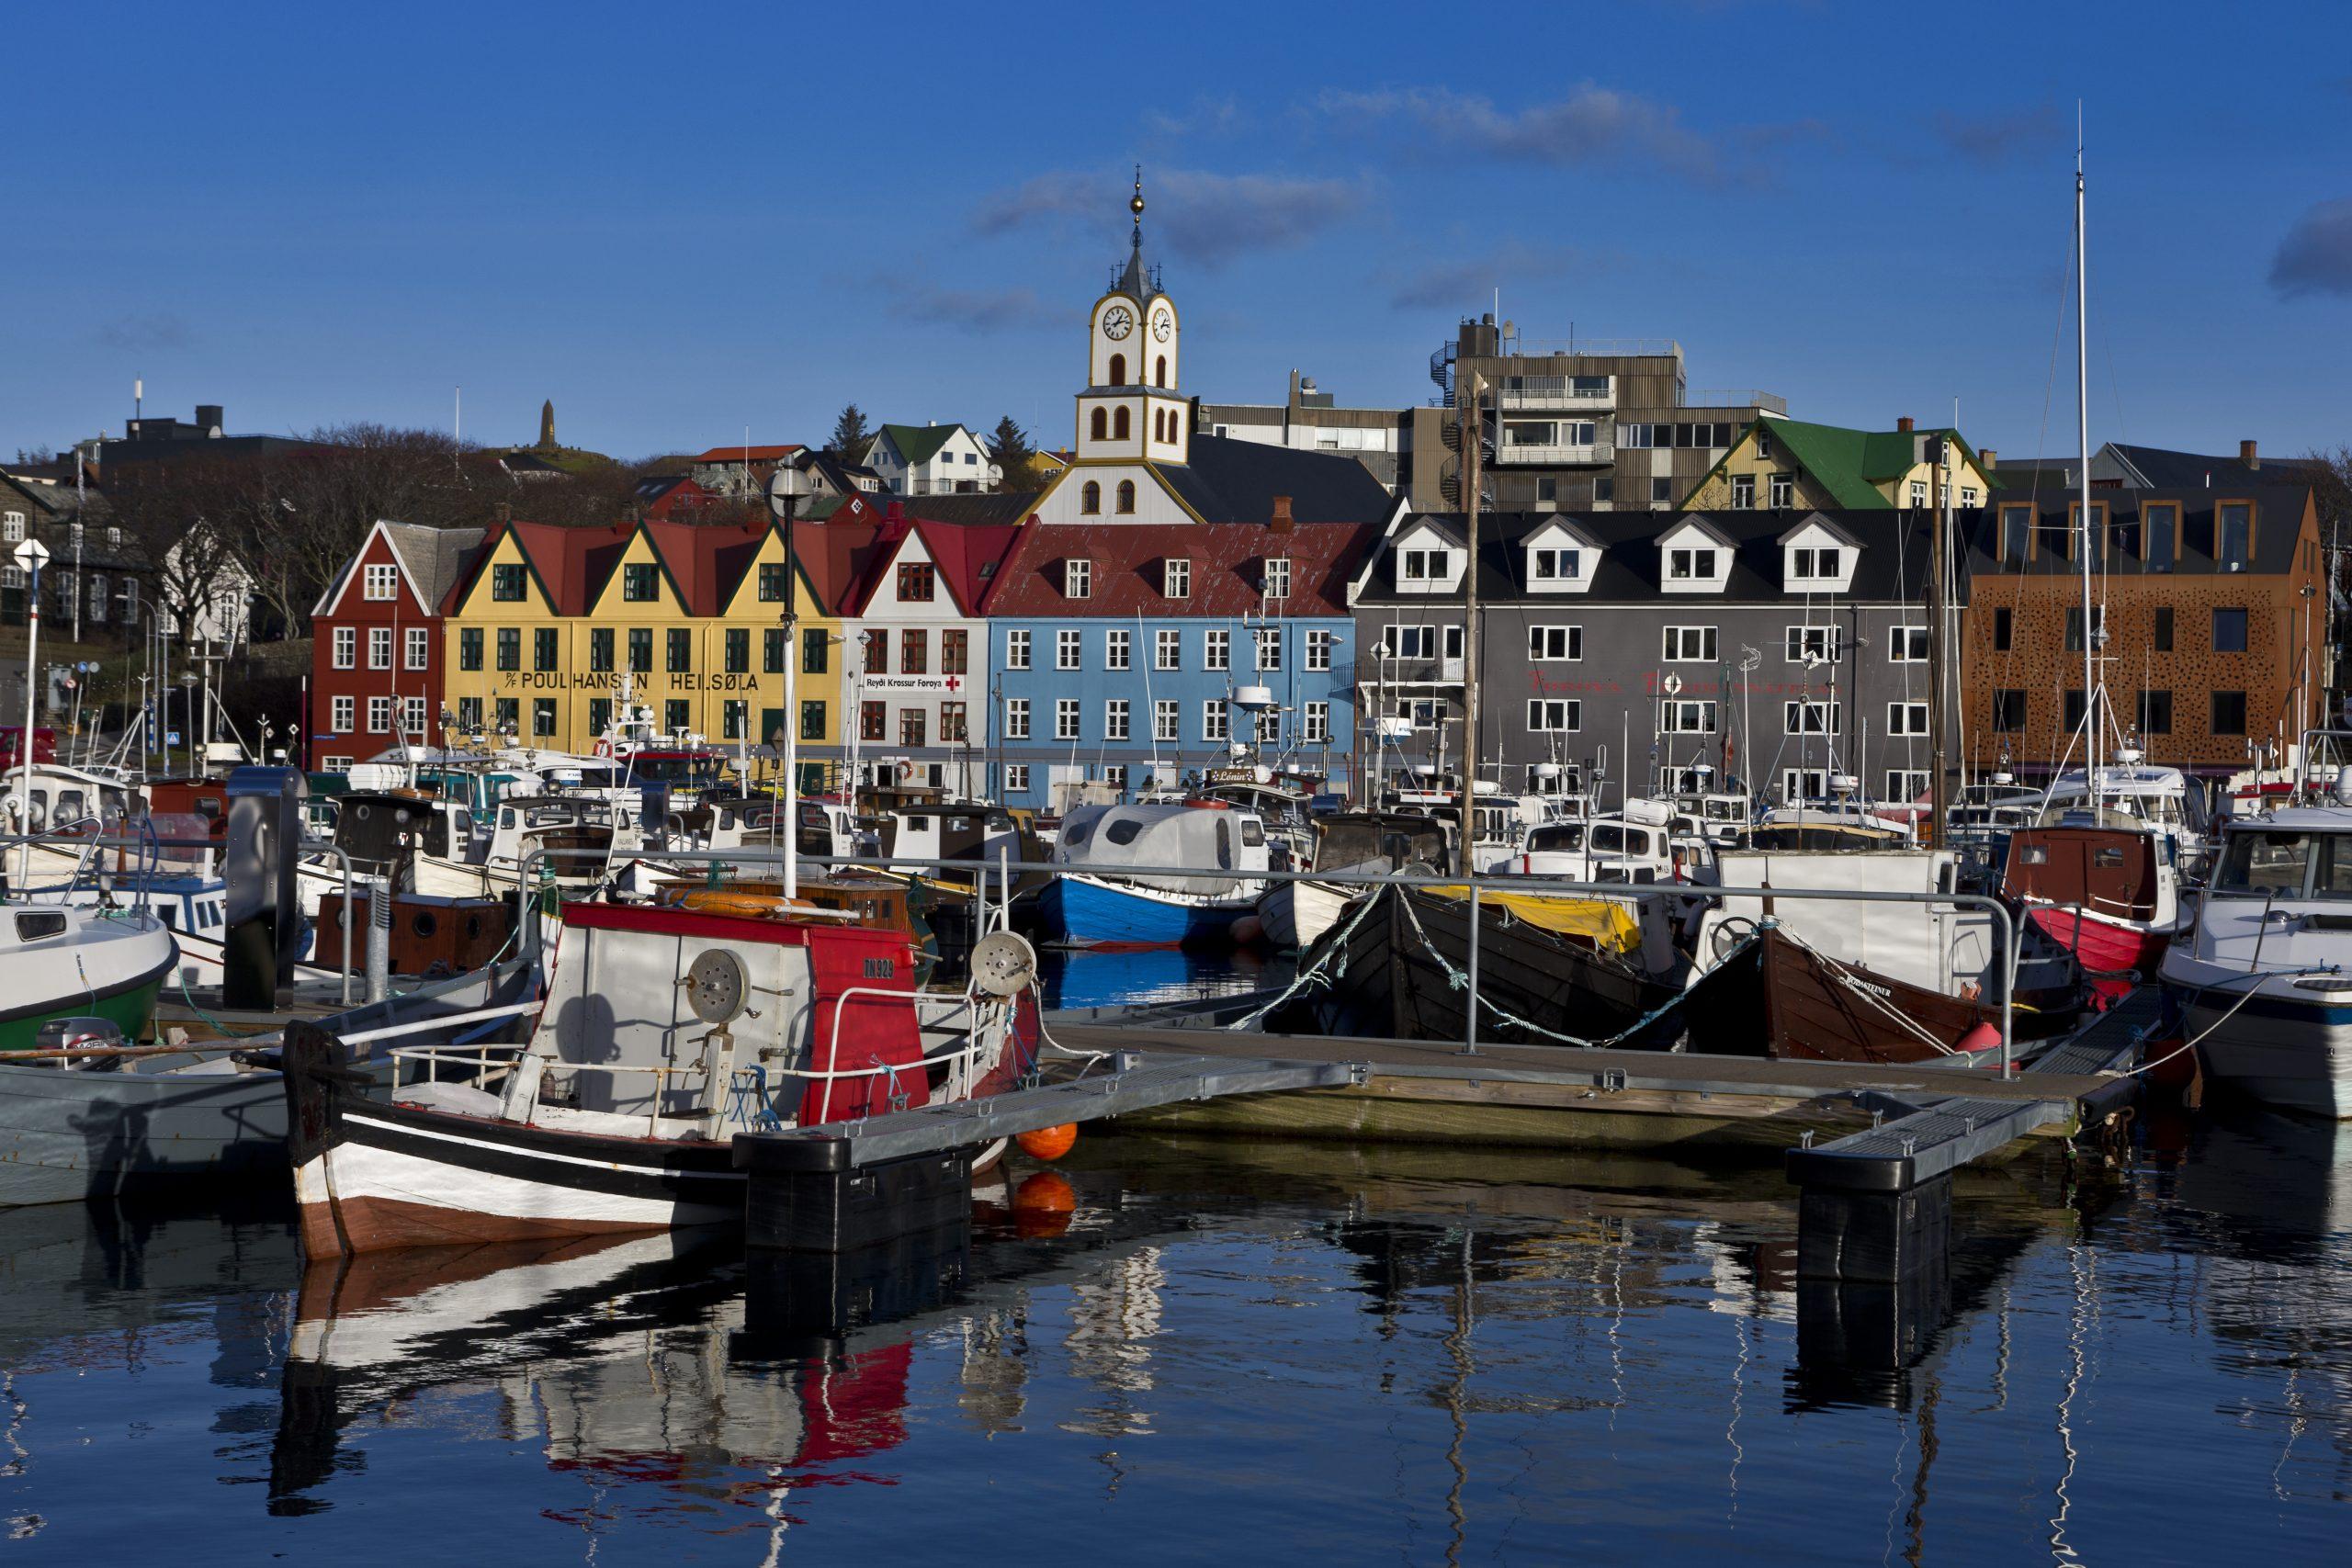 Primo Tours, et af Danmarks største charterrejsebureauer, tilbyder grundet de ekstraordinære omstændigheder denne sommer rejser til blandt andet Færøerne. Her er det fra havnen i Torshavn. PR-foto via Primo Tours.